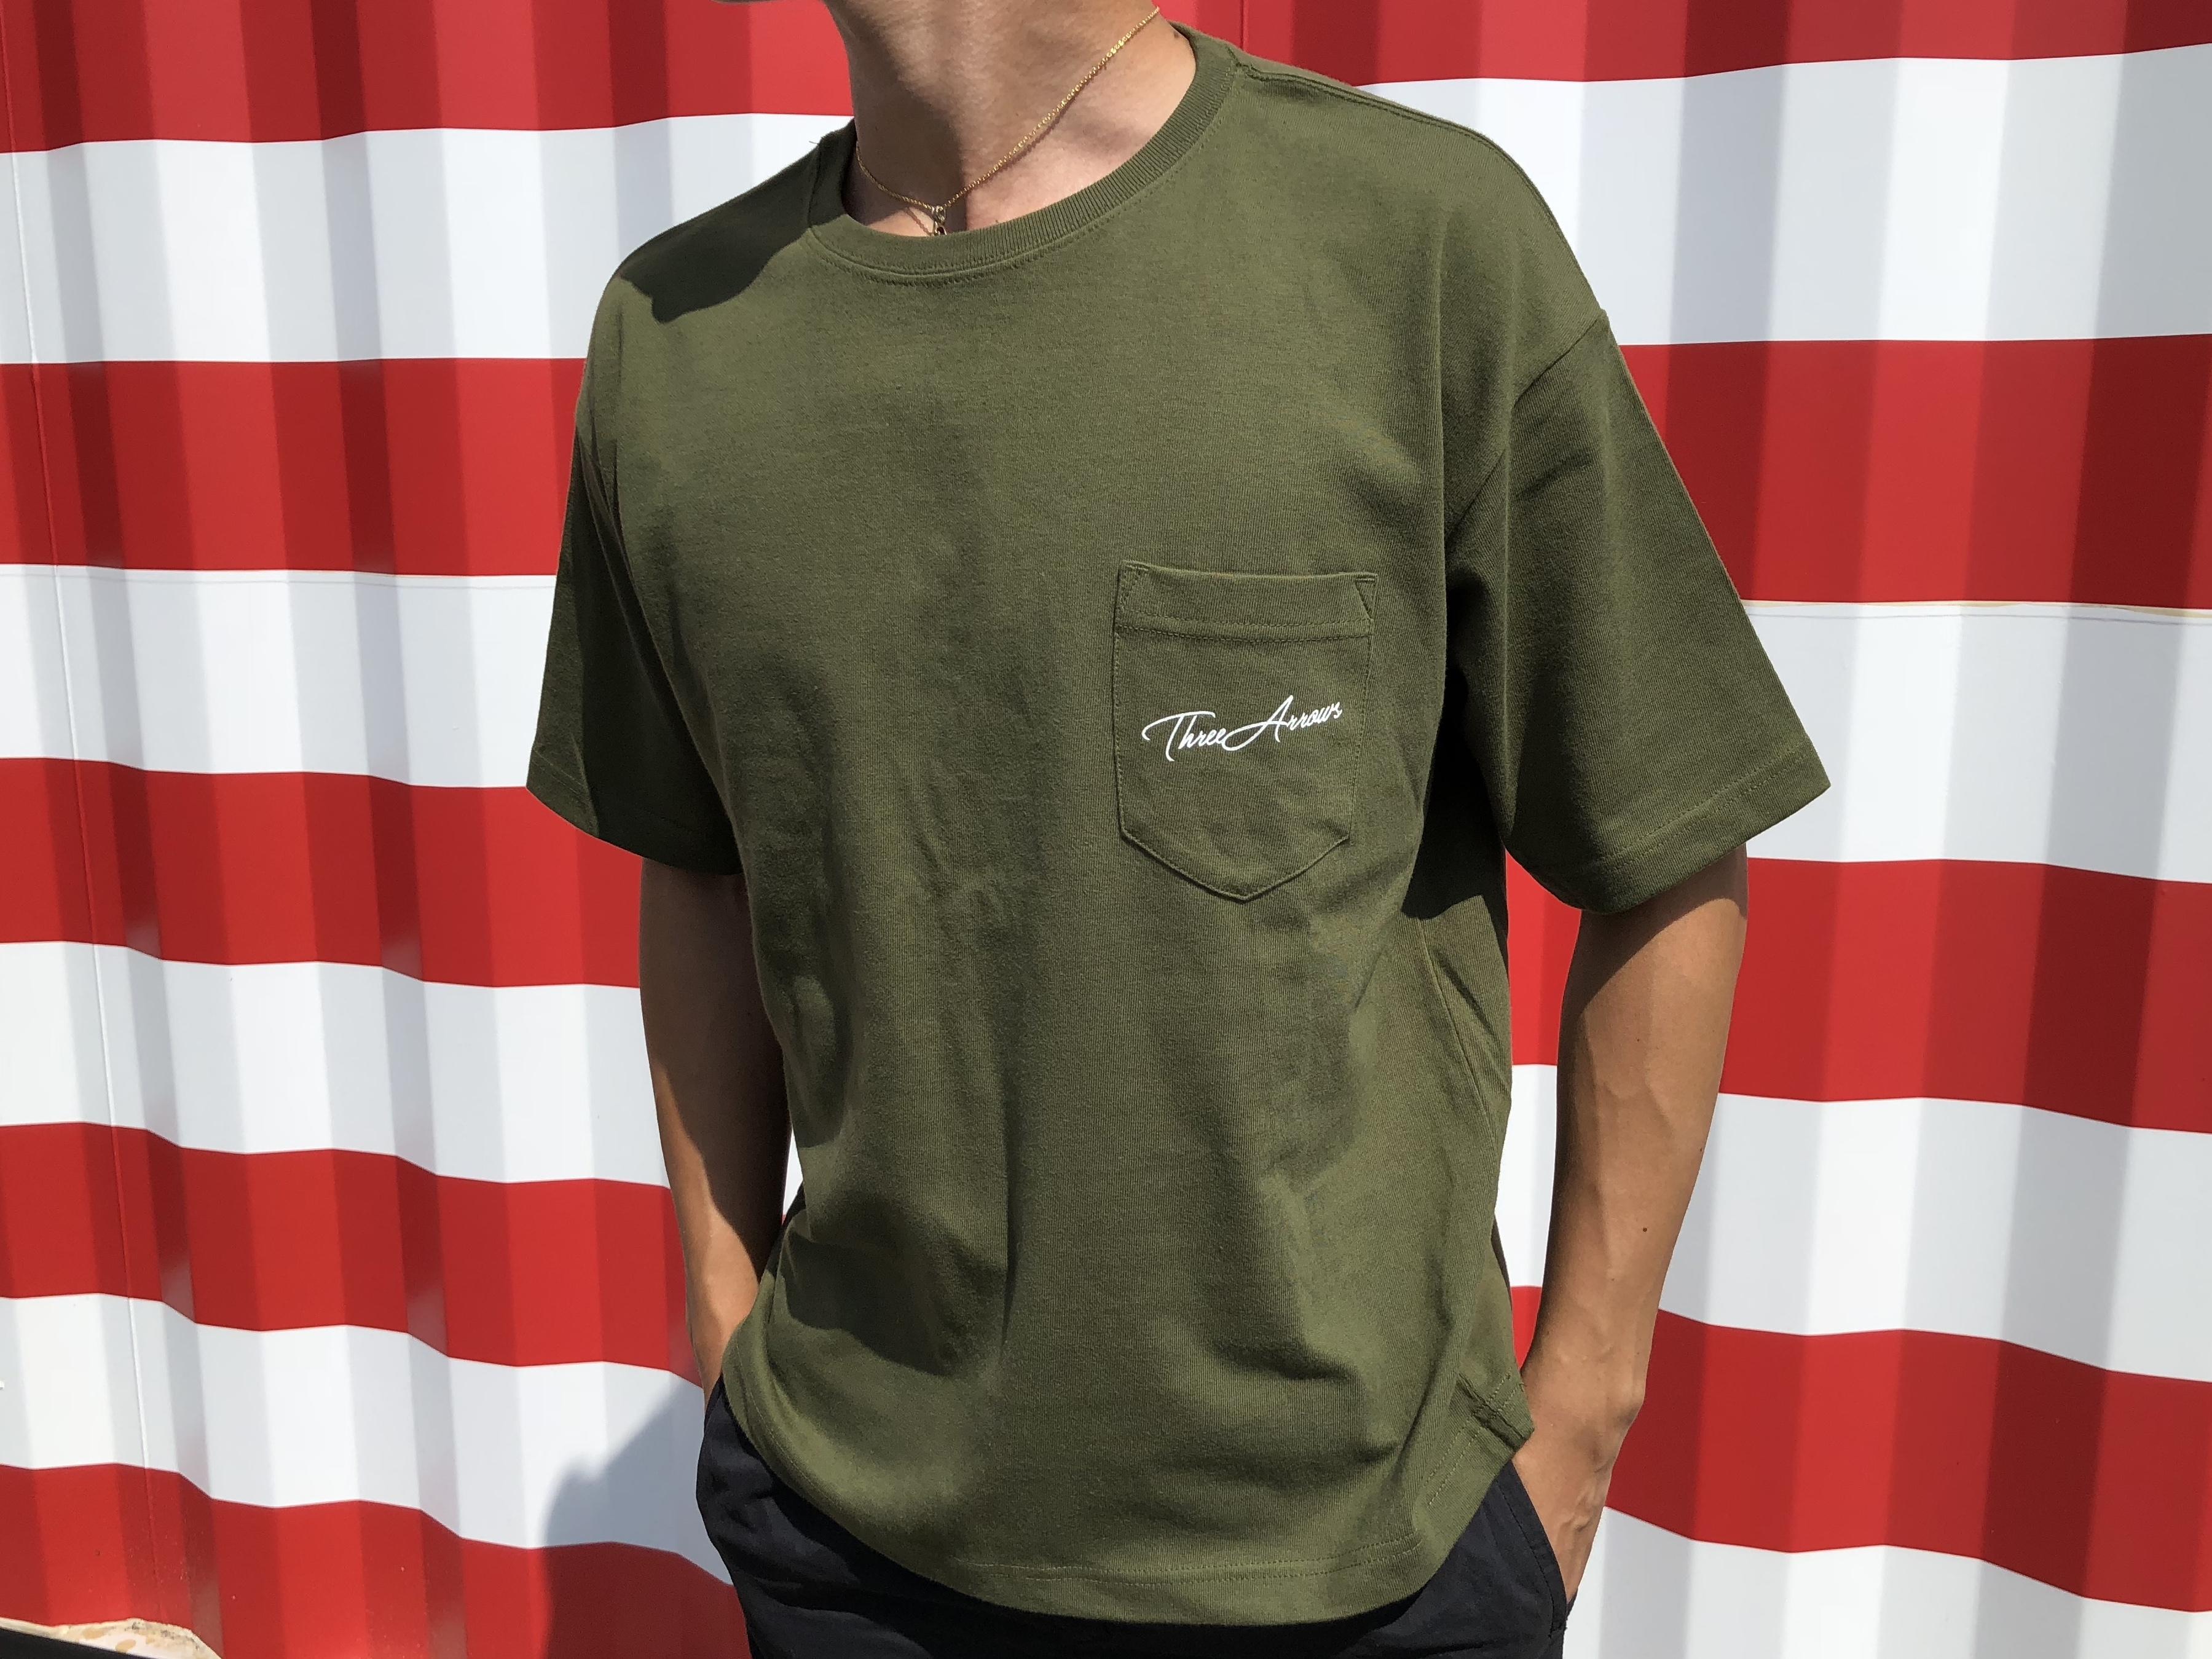 【7/10 21:00 Re stock】ThreeArrows ポケット付きBIGシルエットTシャツ(khaki)